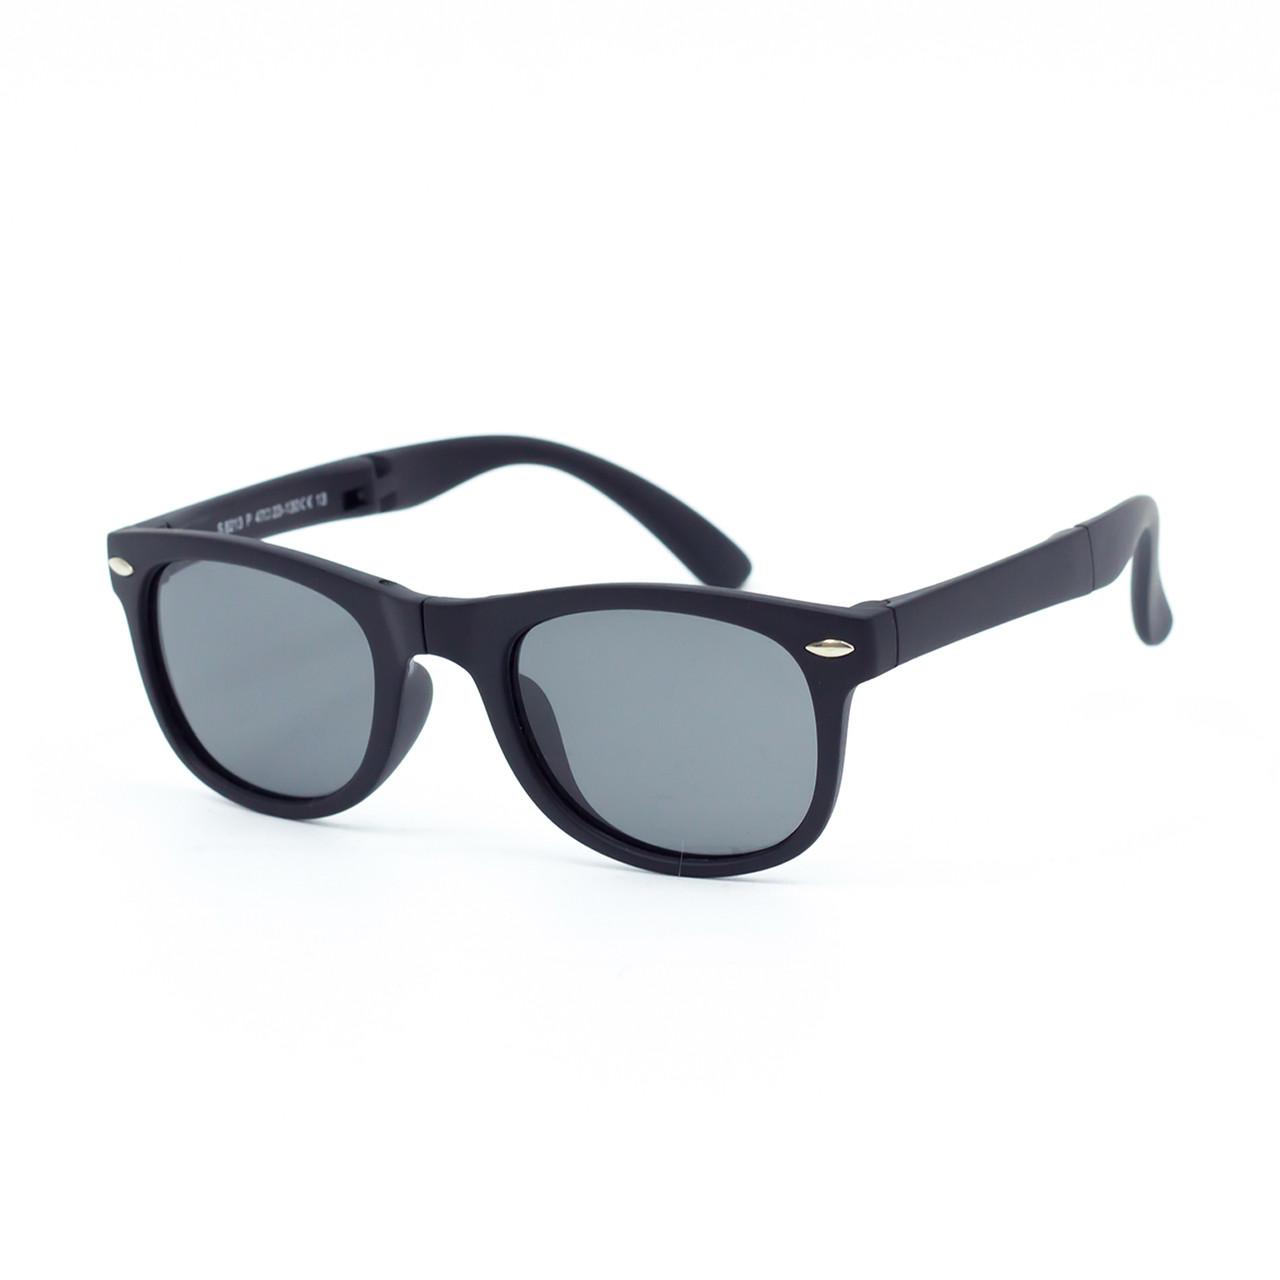 Солнцезащитные очки Marmilen Polar P8213P C13 черные матовые   ( KAP8213P-13 )